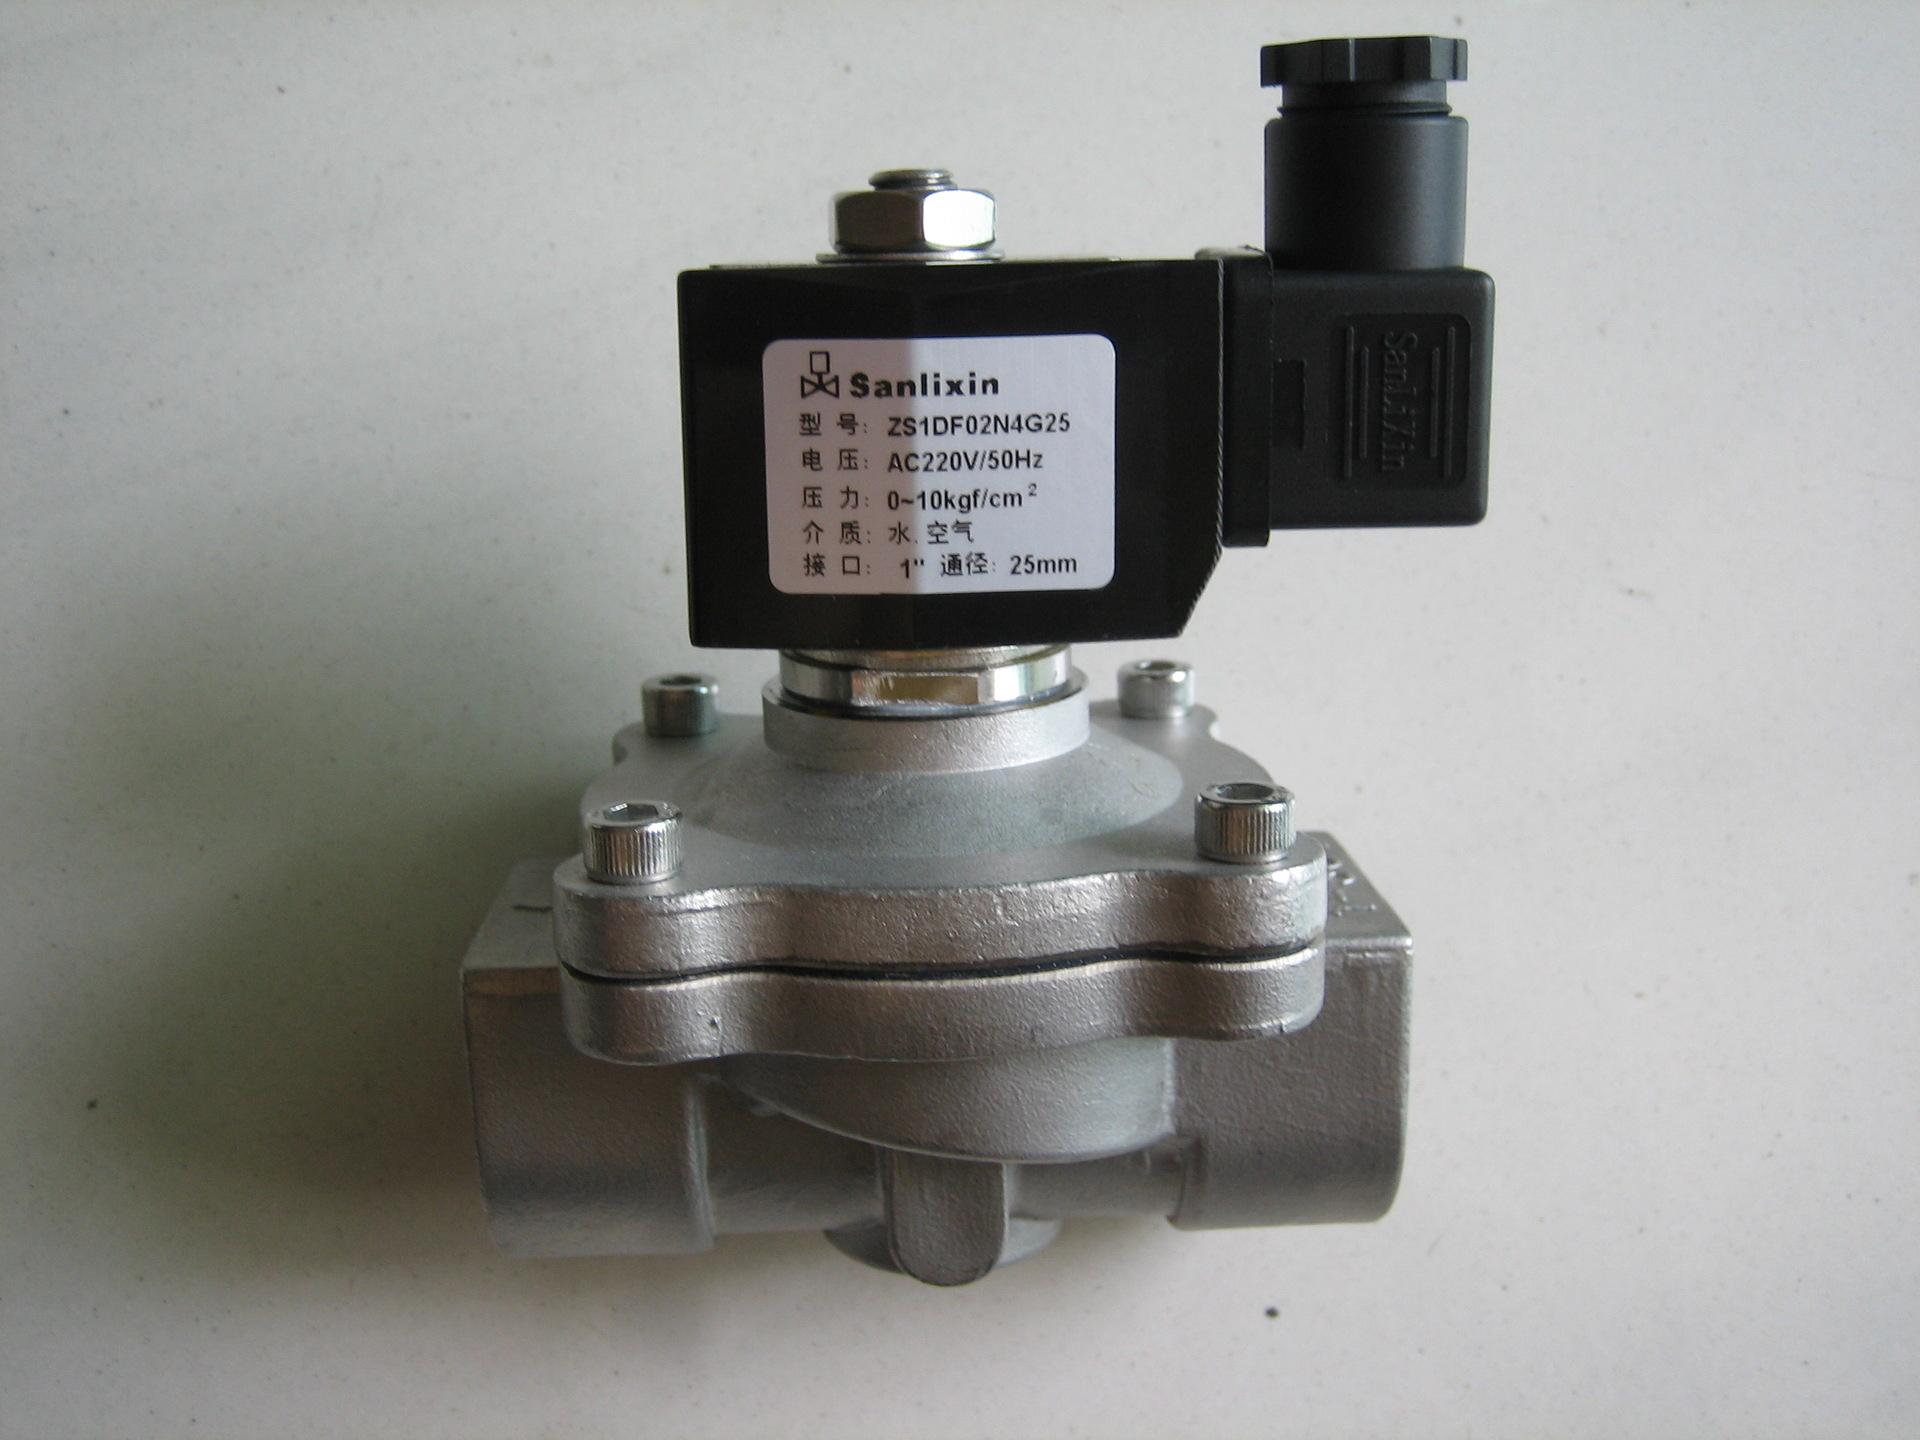 钢电磁阀zs1df02n4g25 阿里巴巴